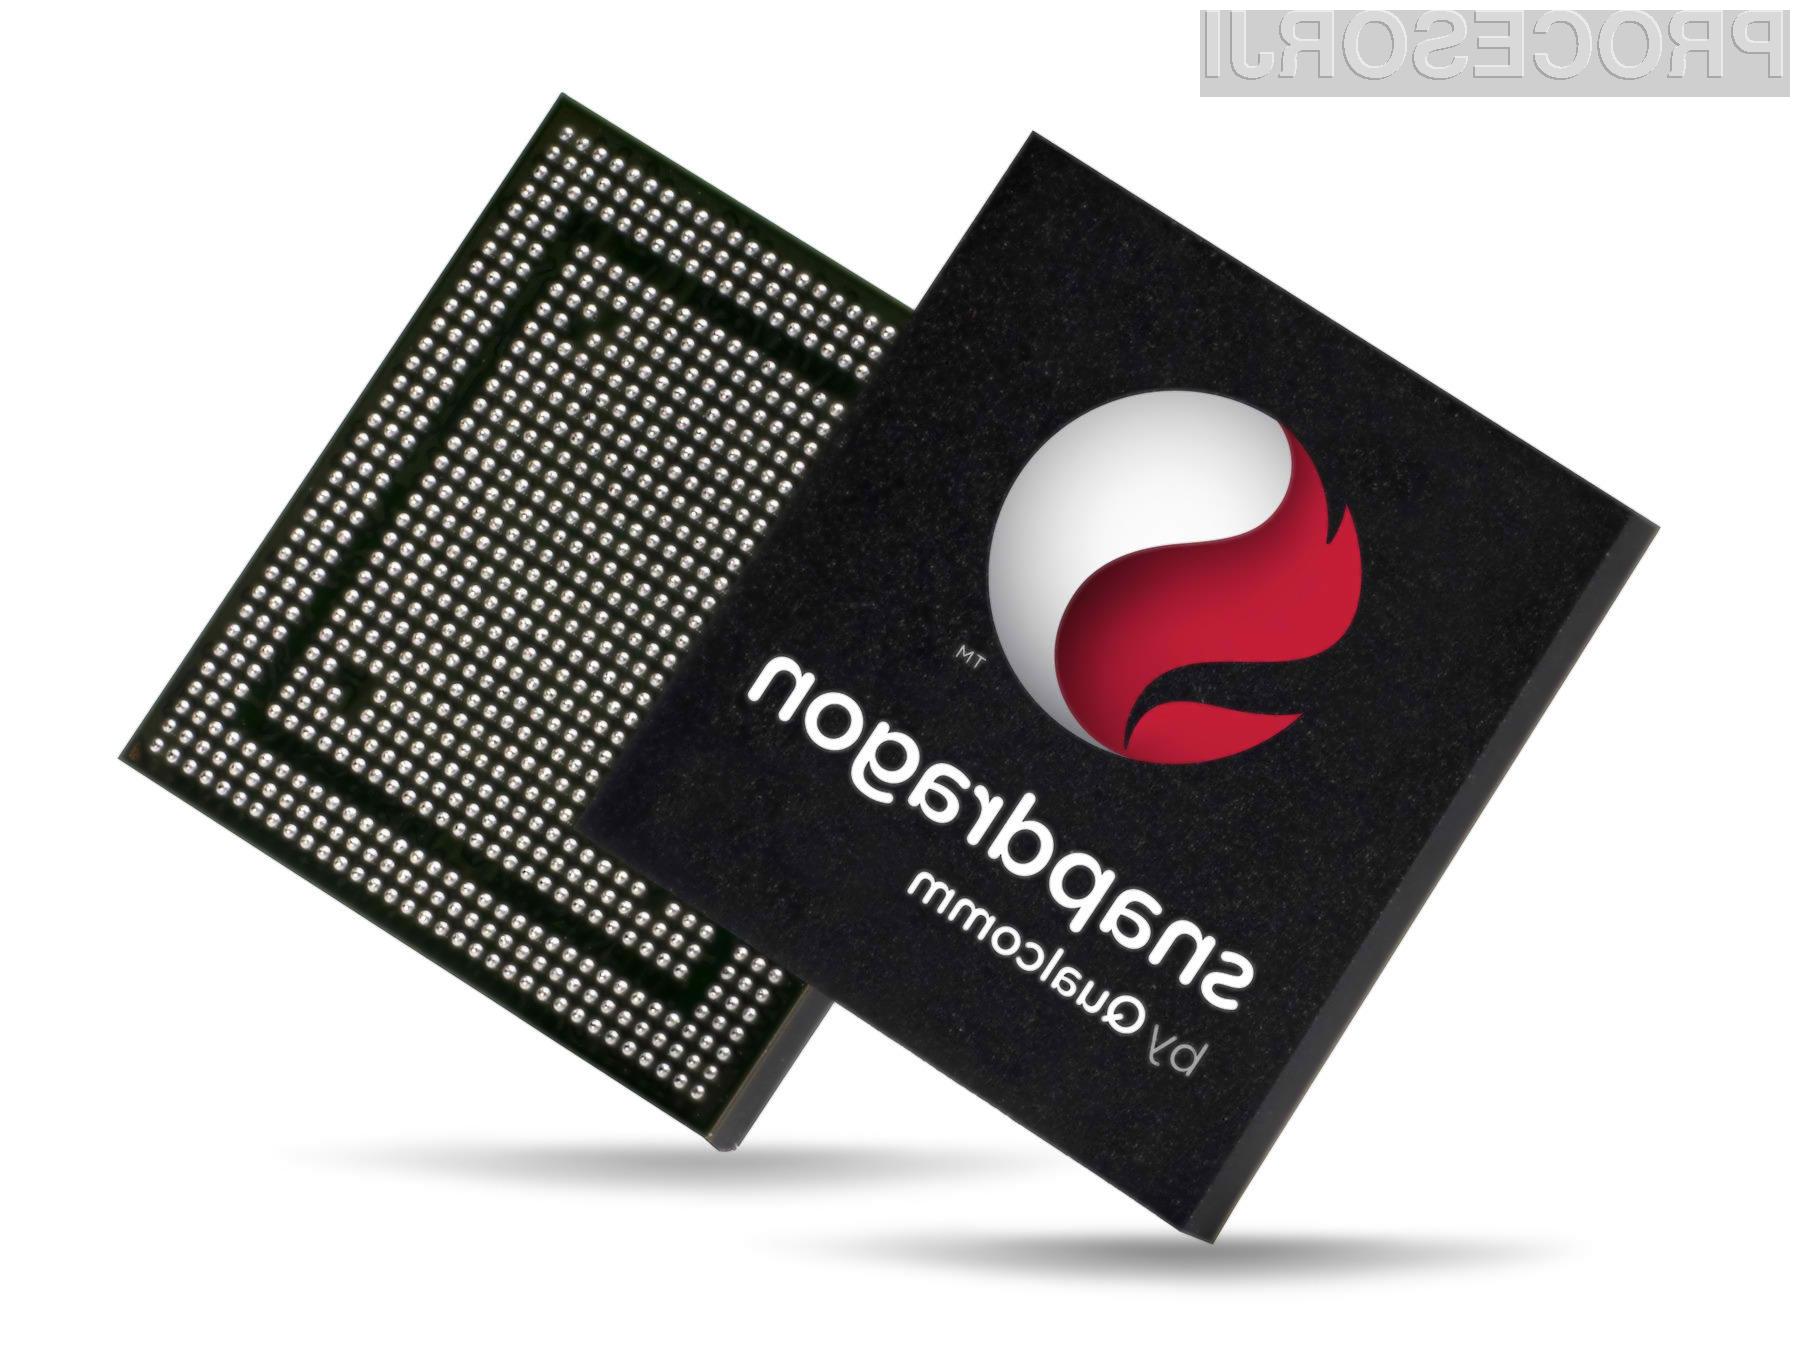 Procesorji iz družine Snapdragon S4 Play bodo namenjeni nekoliko cenejšim mobilnim napravam.